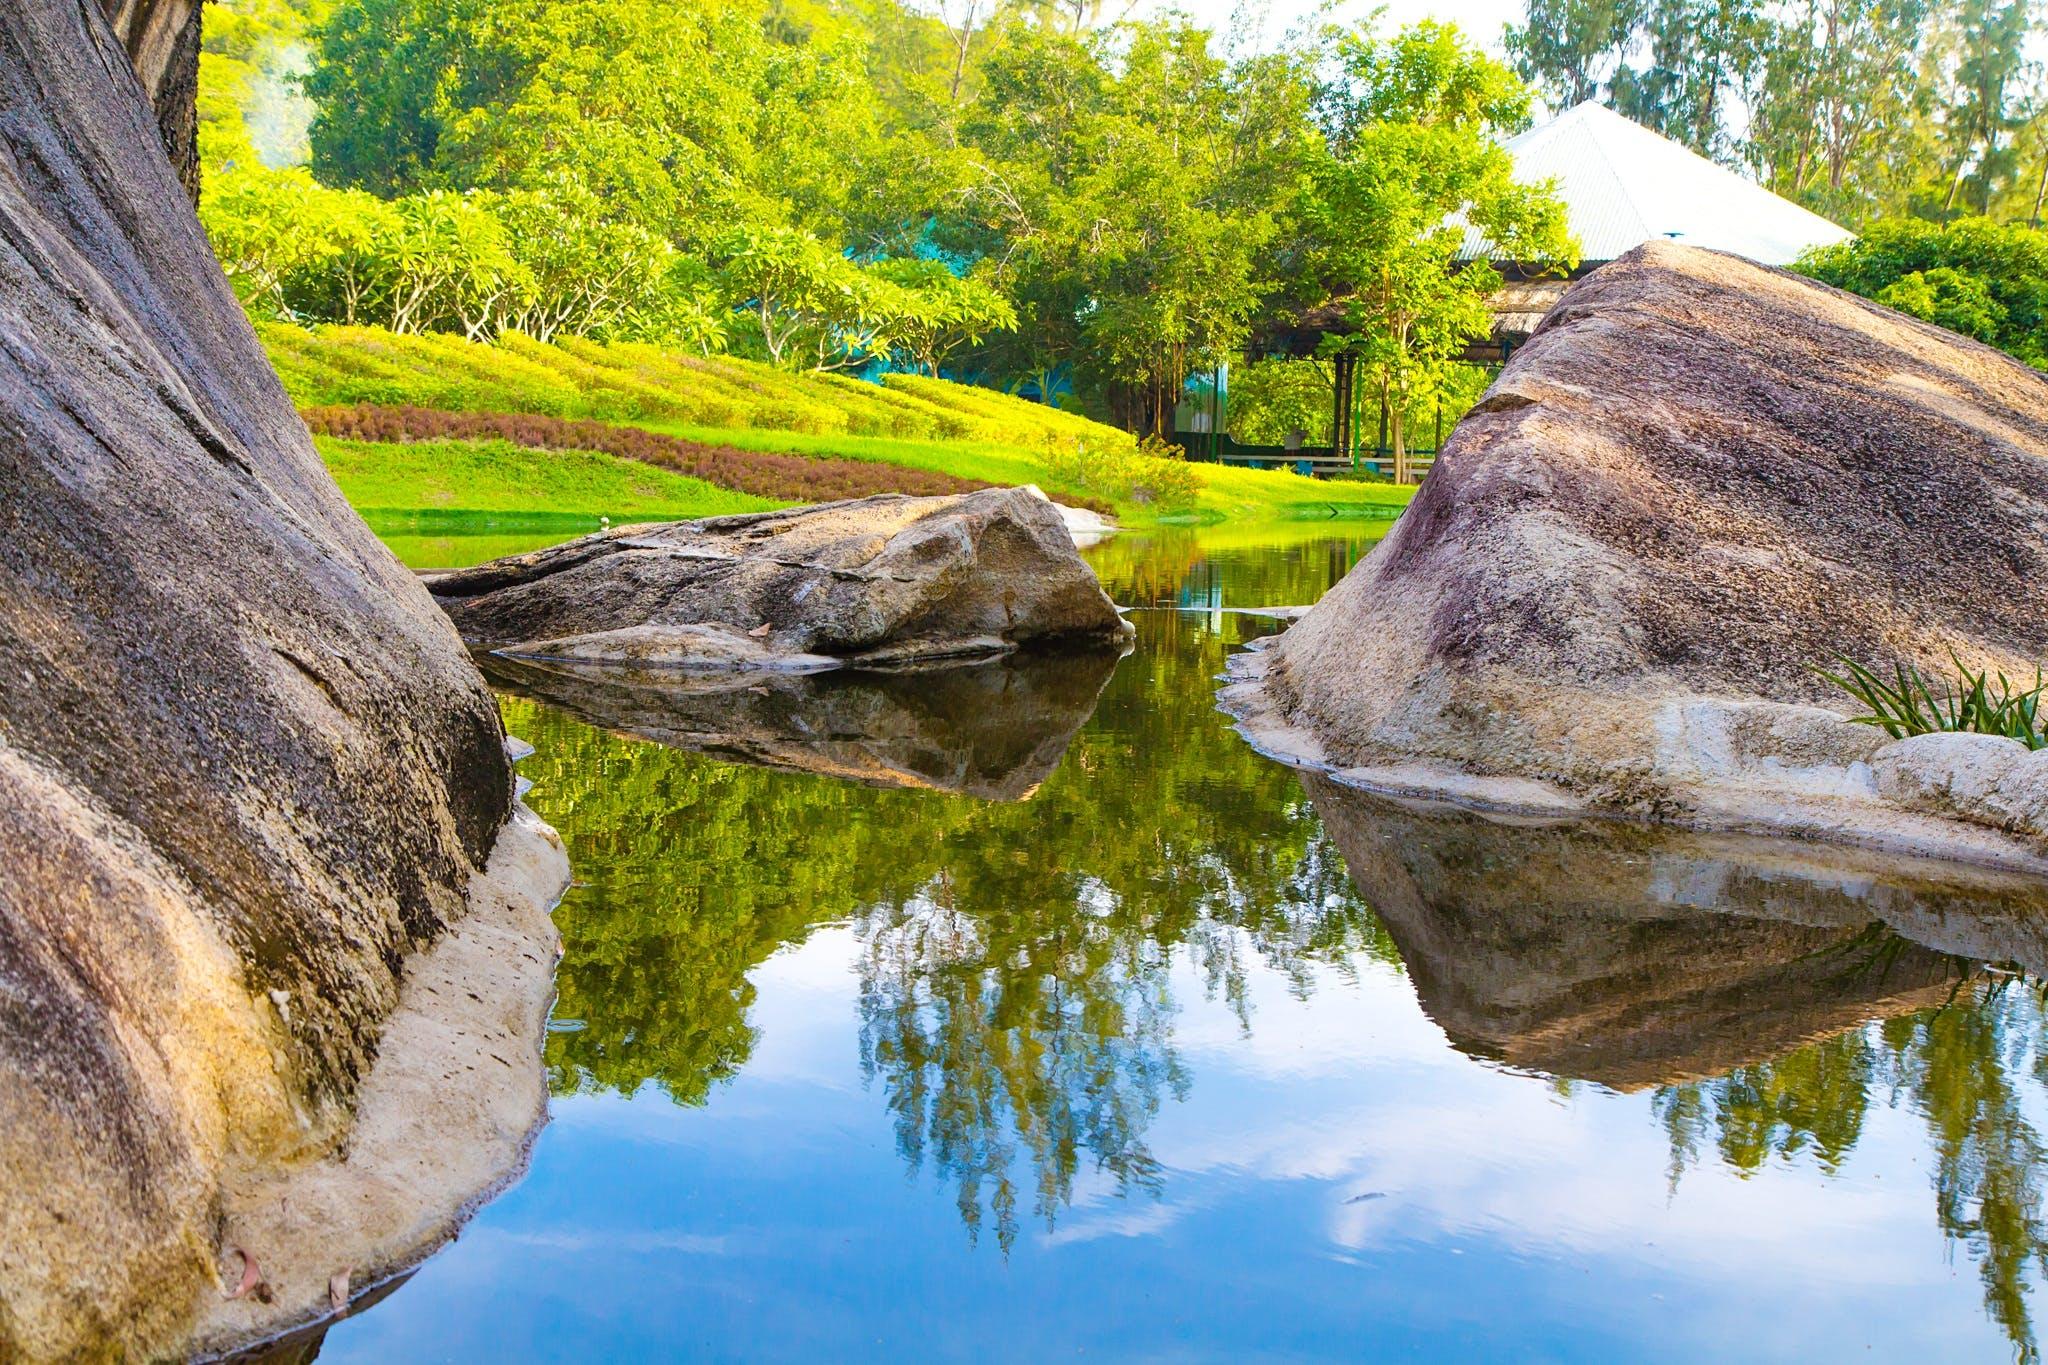 パーク, 反射, 夏, 岩の無料の写真素材